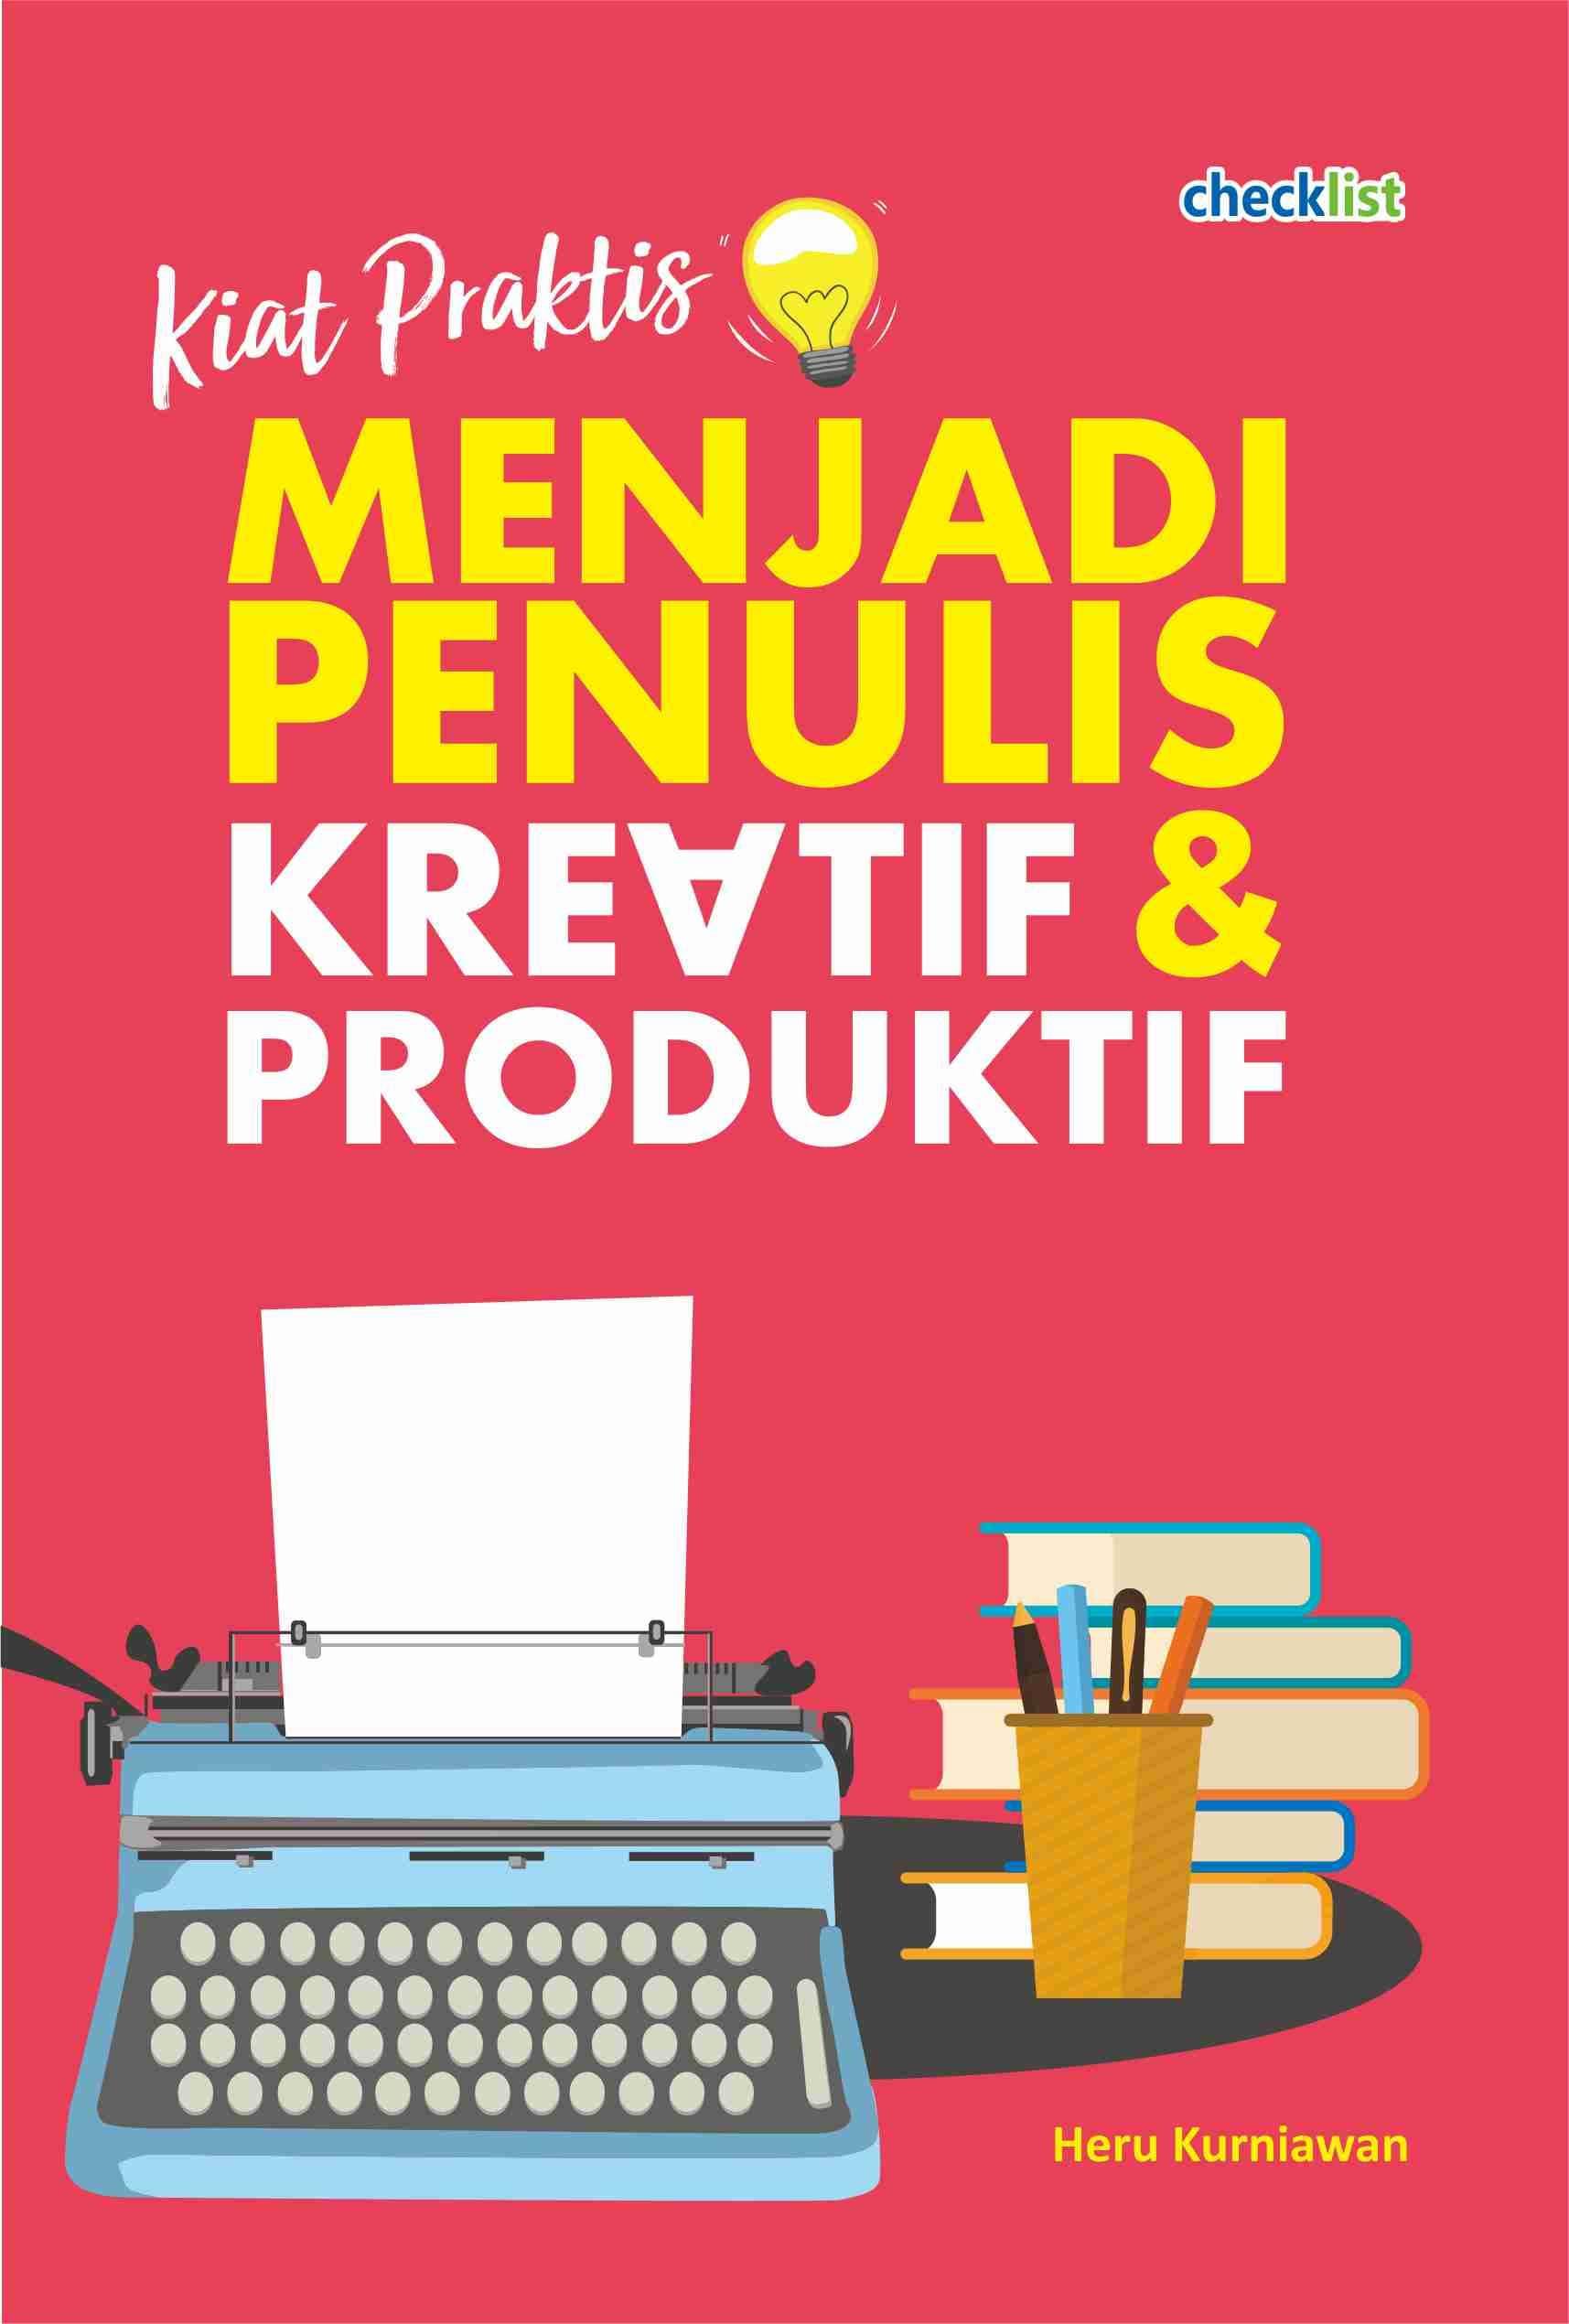 Kiat Praktis Menjadi Penulis Kreatif & Produktif